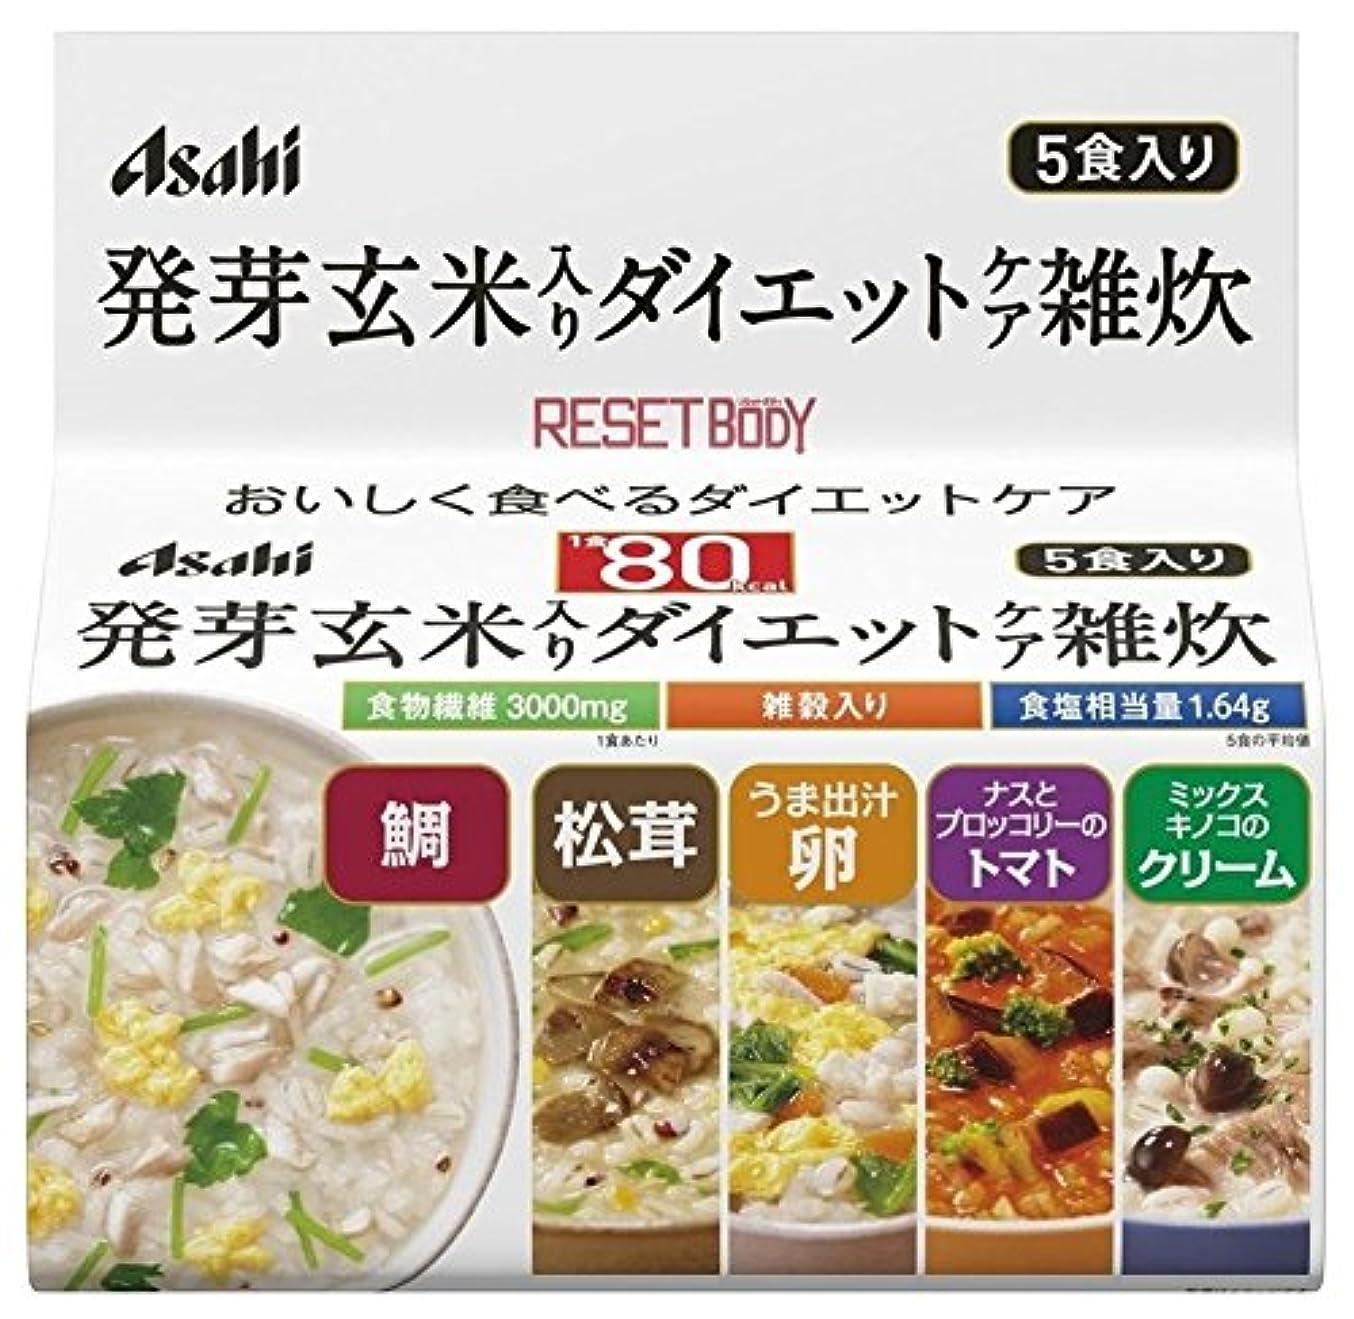 リーダーシップダブルクレタアサヒグループ食品 リセットボディ 発芽玄米入りダイエットケア雑炊 5食